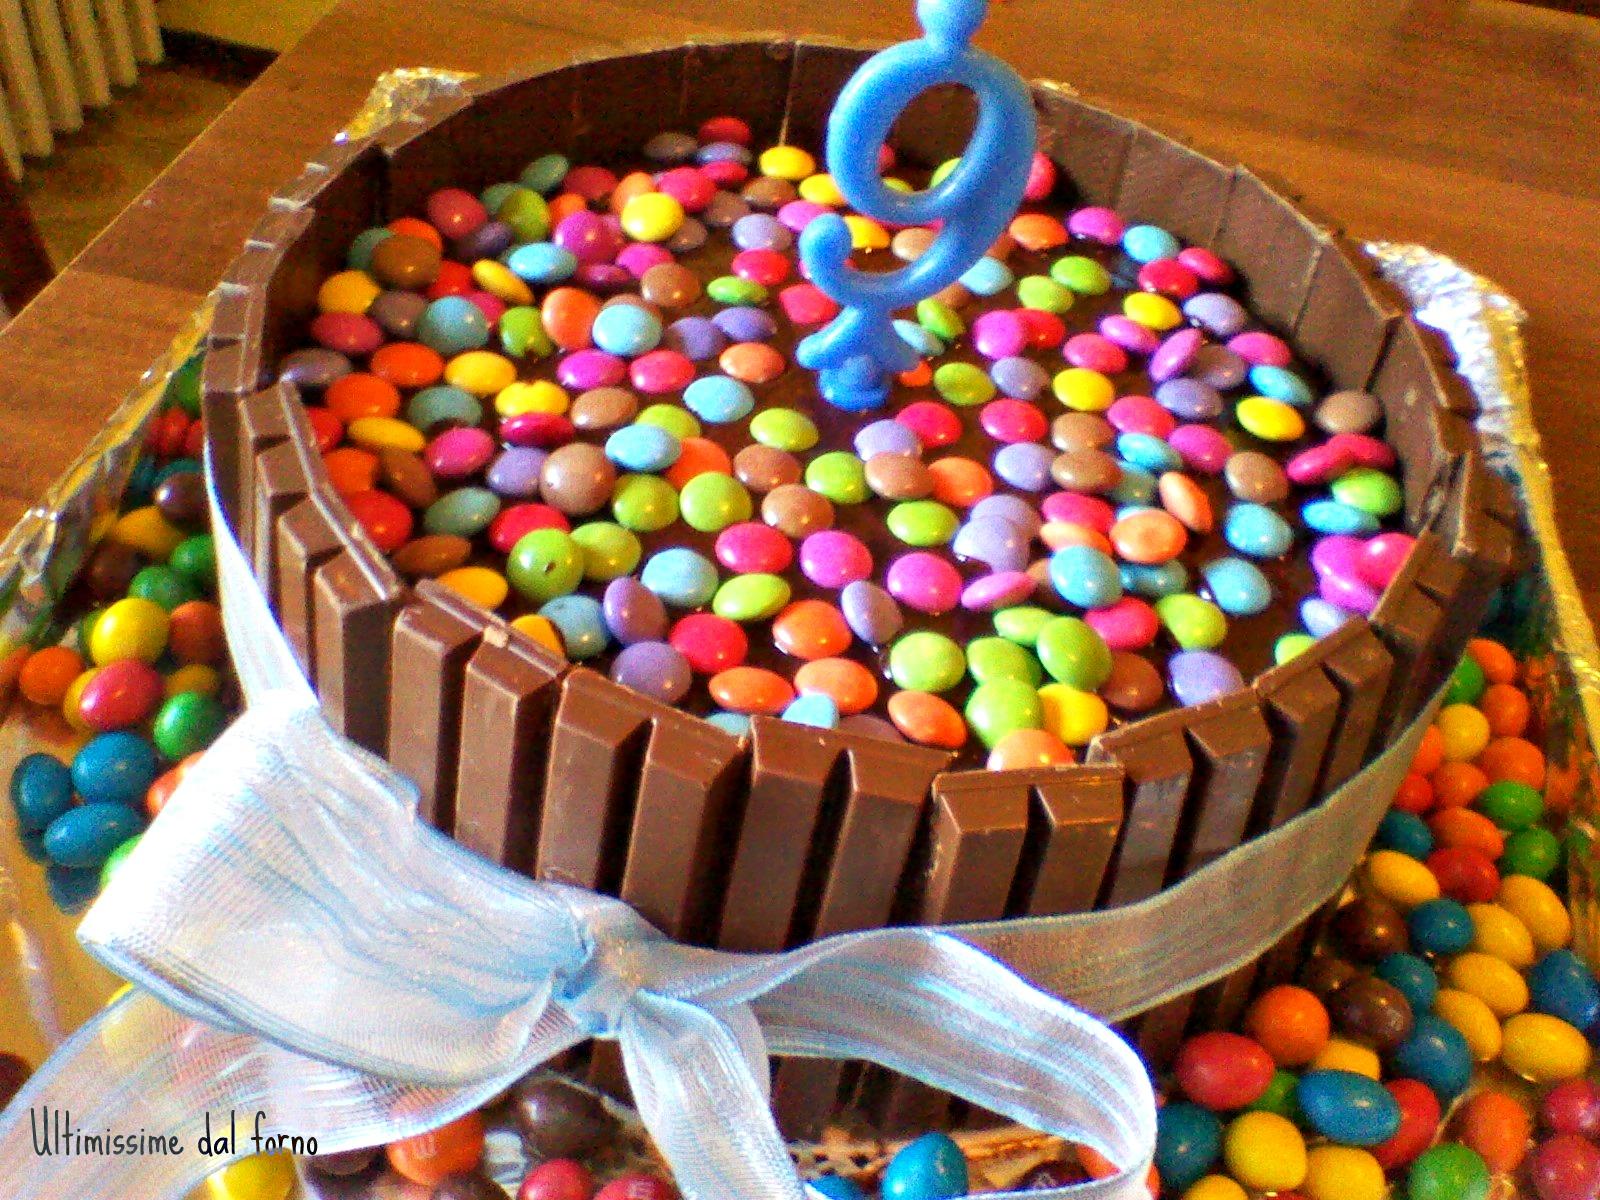 Decorazioni Per Feste Di Compleanno Bambini Fai Da Te : Decorazioni fai da te compleanno bambini top decorazioni festa